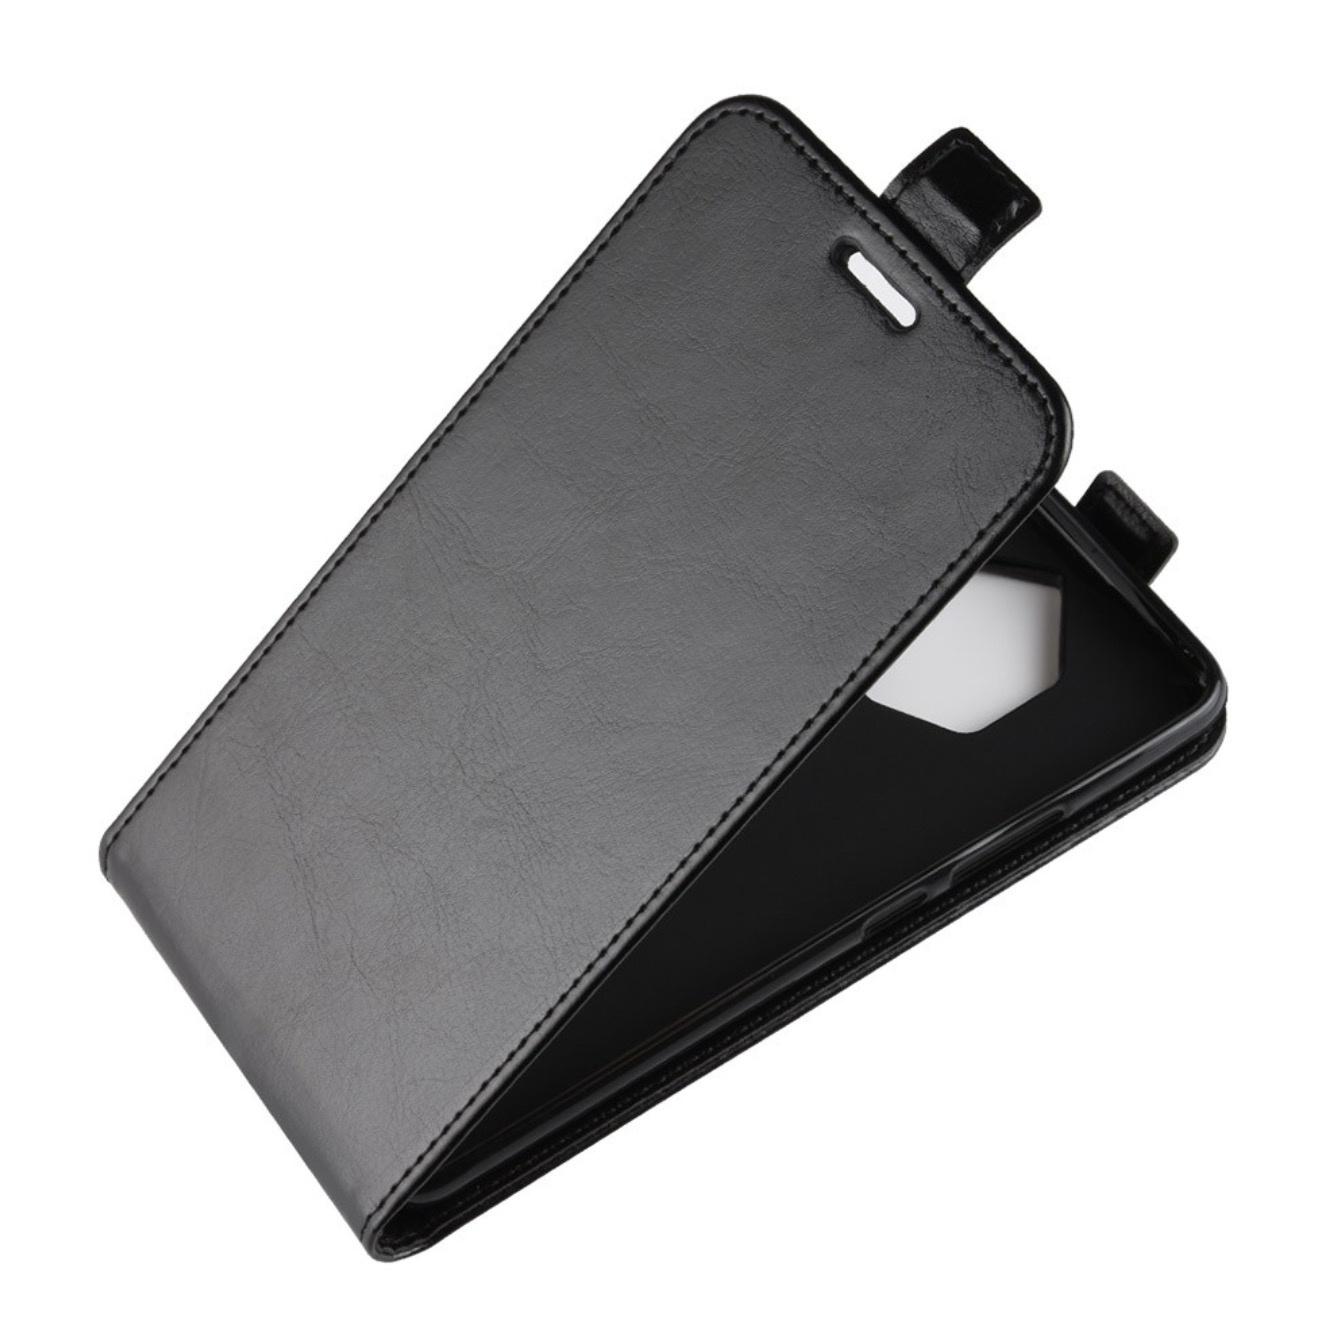 Чехол-флип MyPads для Nokia Lumia 928 вертикальный откидной черный